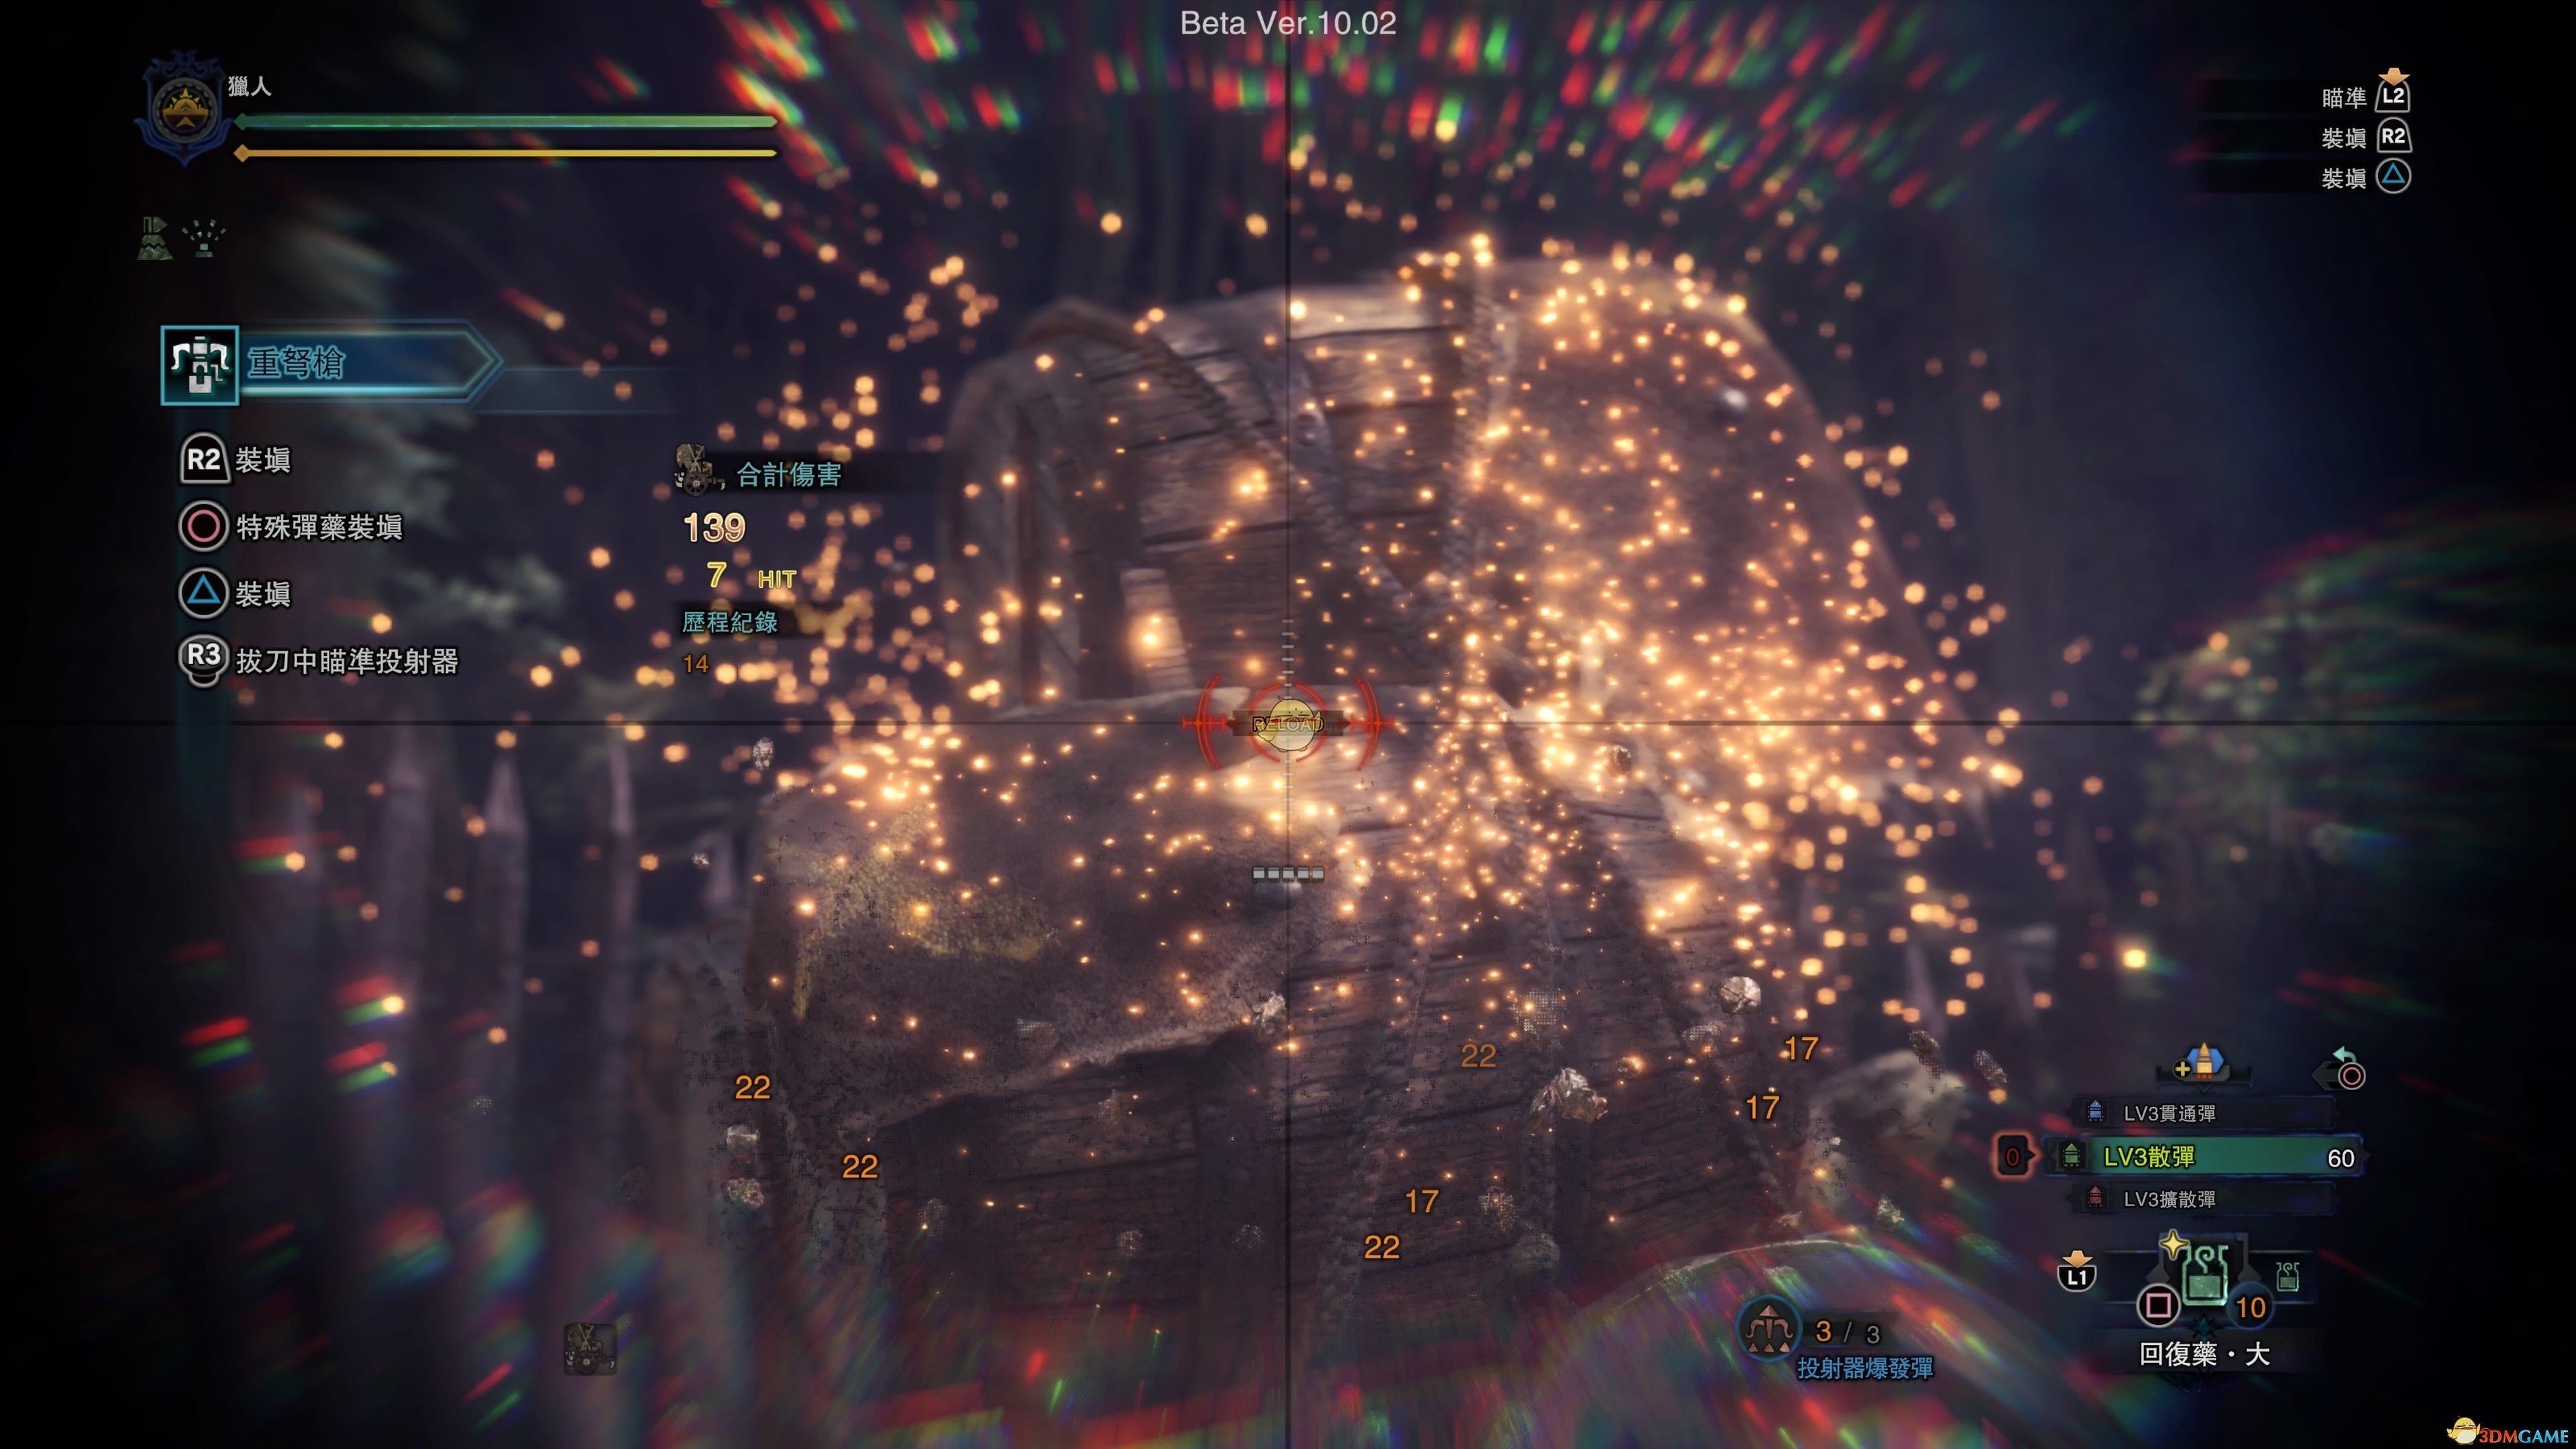 《怪物猎人:世界》重弩超级会心镜零件使用心得分享